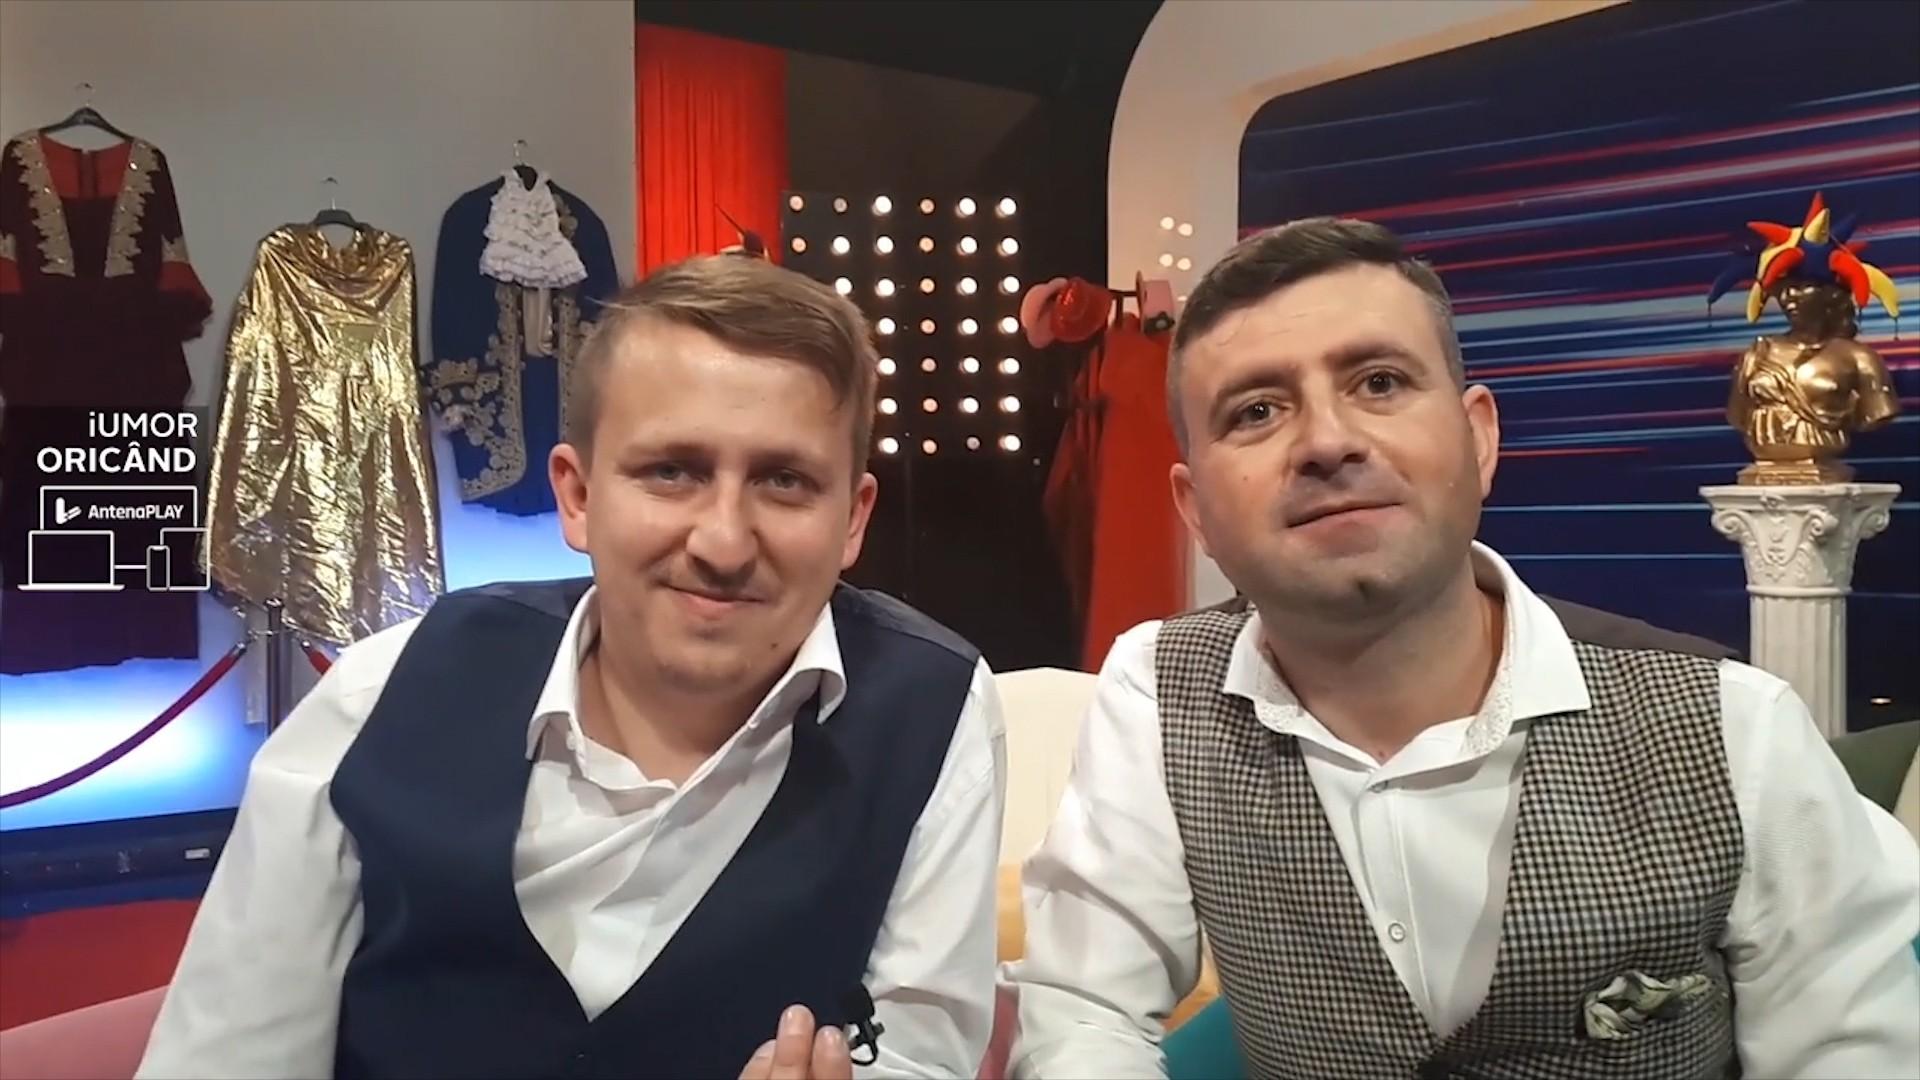 Interviu cu Hari Gromoşteanu şi Marius Costea, la iUmor